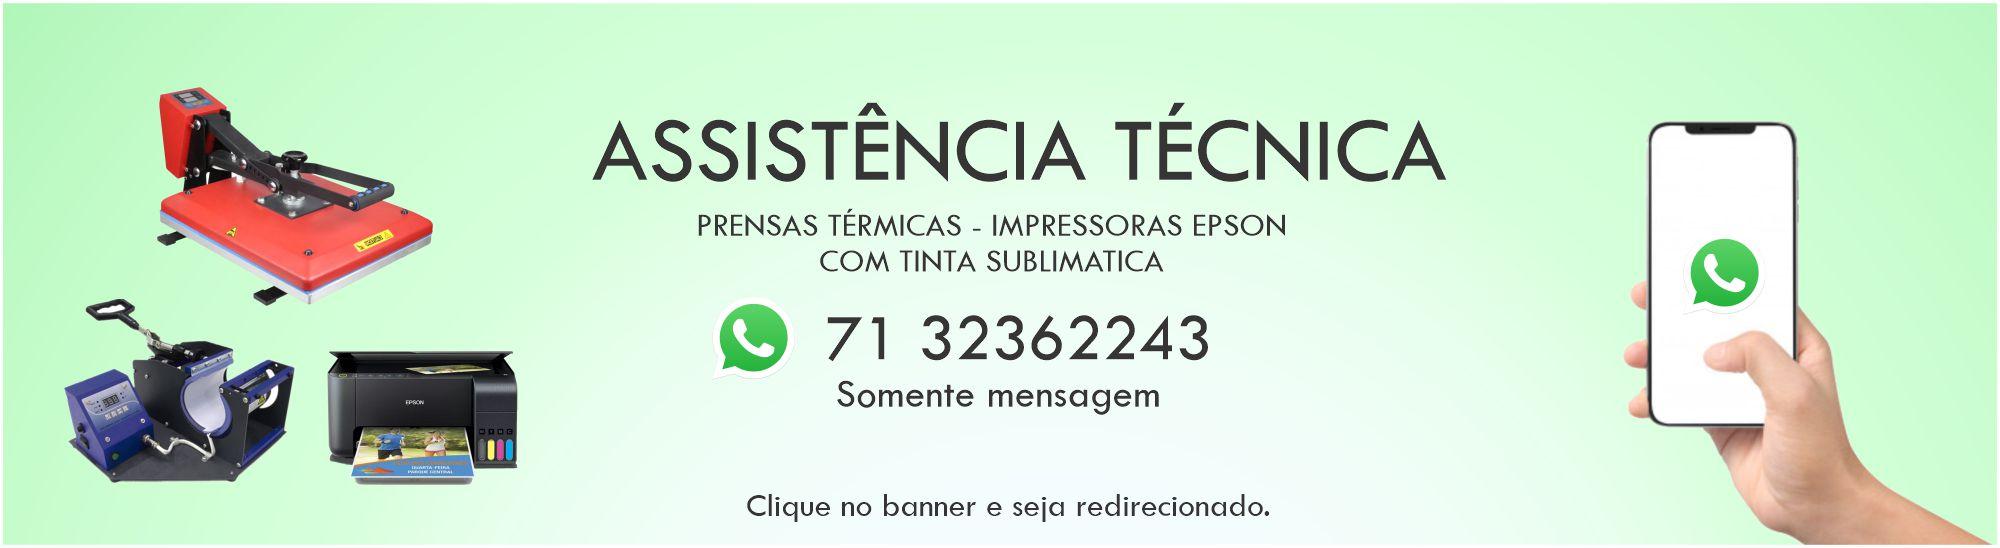 Assistência Técnica ASI